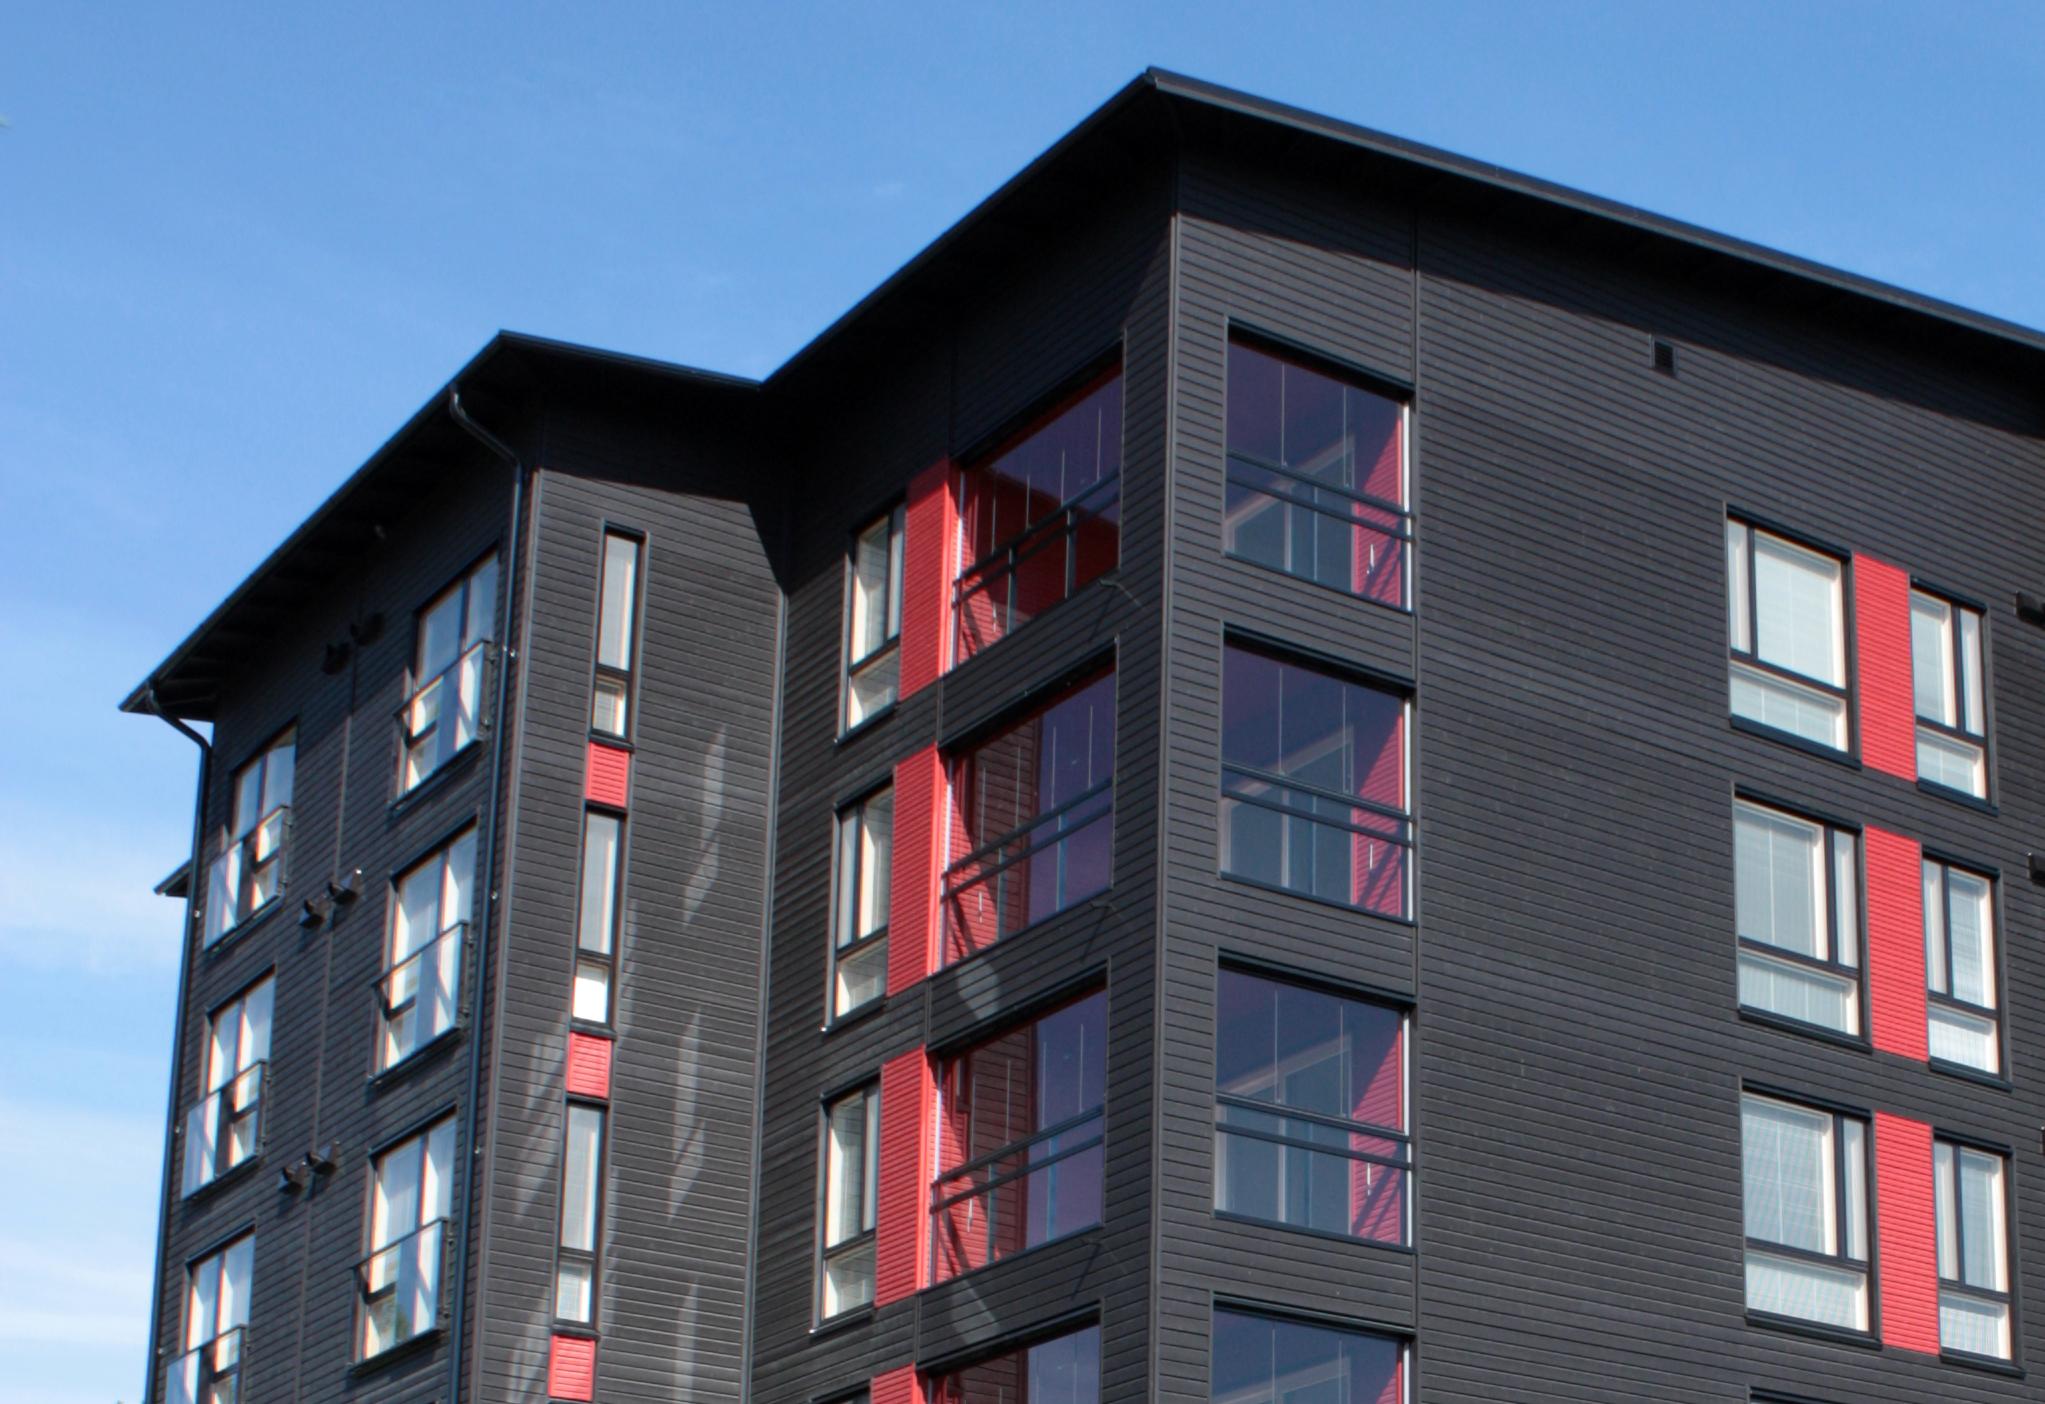 Seinäjoen Asuntomessujen PEFC-projektisertifioitu talo on puuta rungosta ulkoverhoiluun. Talossa on yksiöitä ja kolmioita yhteensä lähes kolmekymmentä. Kuva: Tuomo Nyrhilä